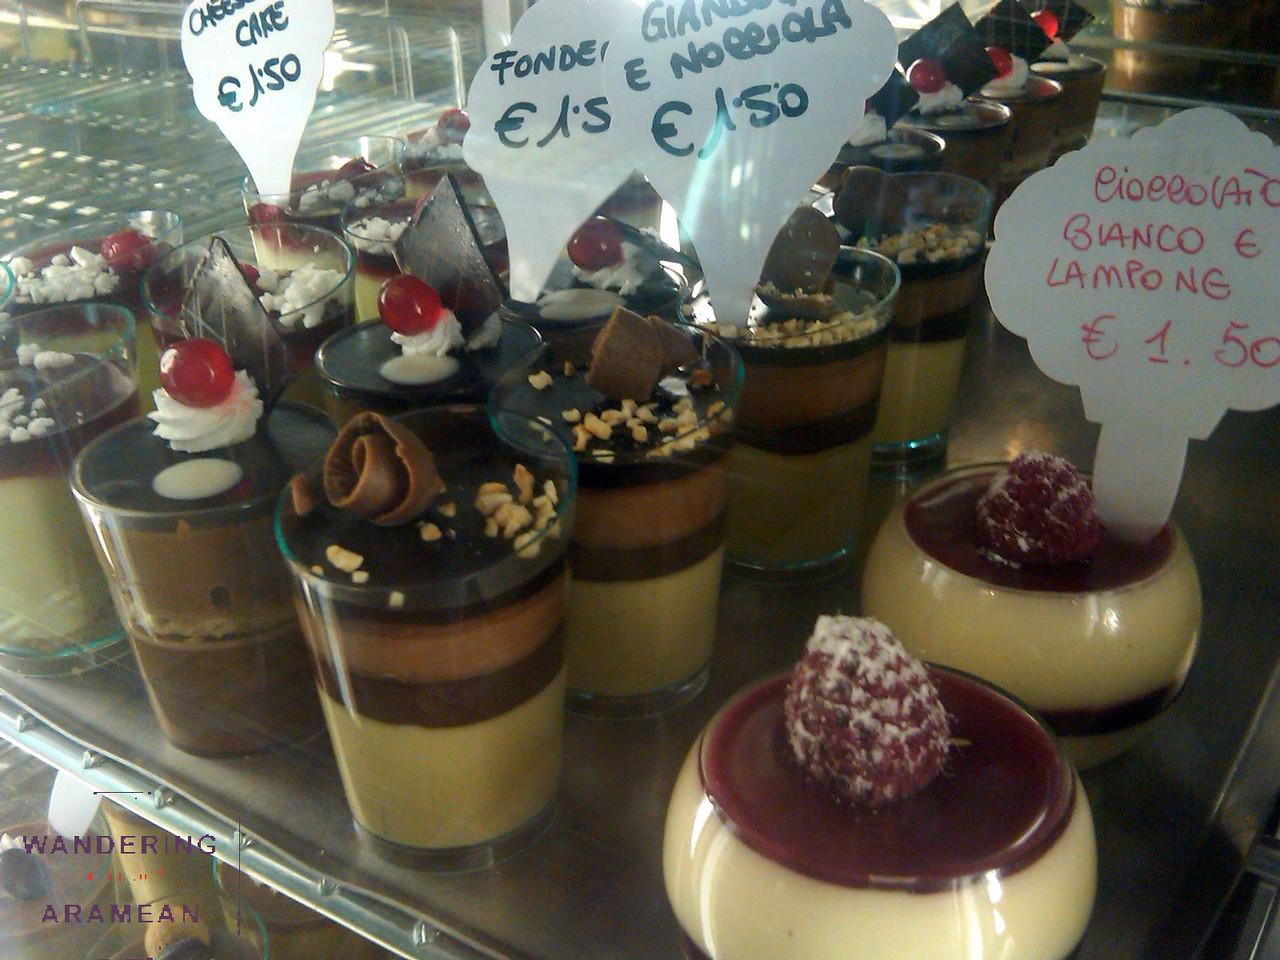 Awesome desserts at Il Alvino in Lecce